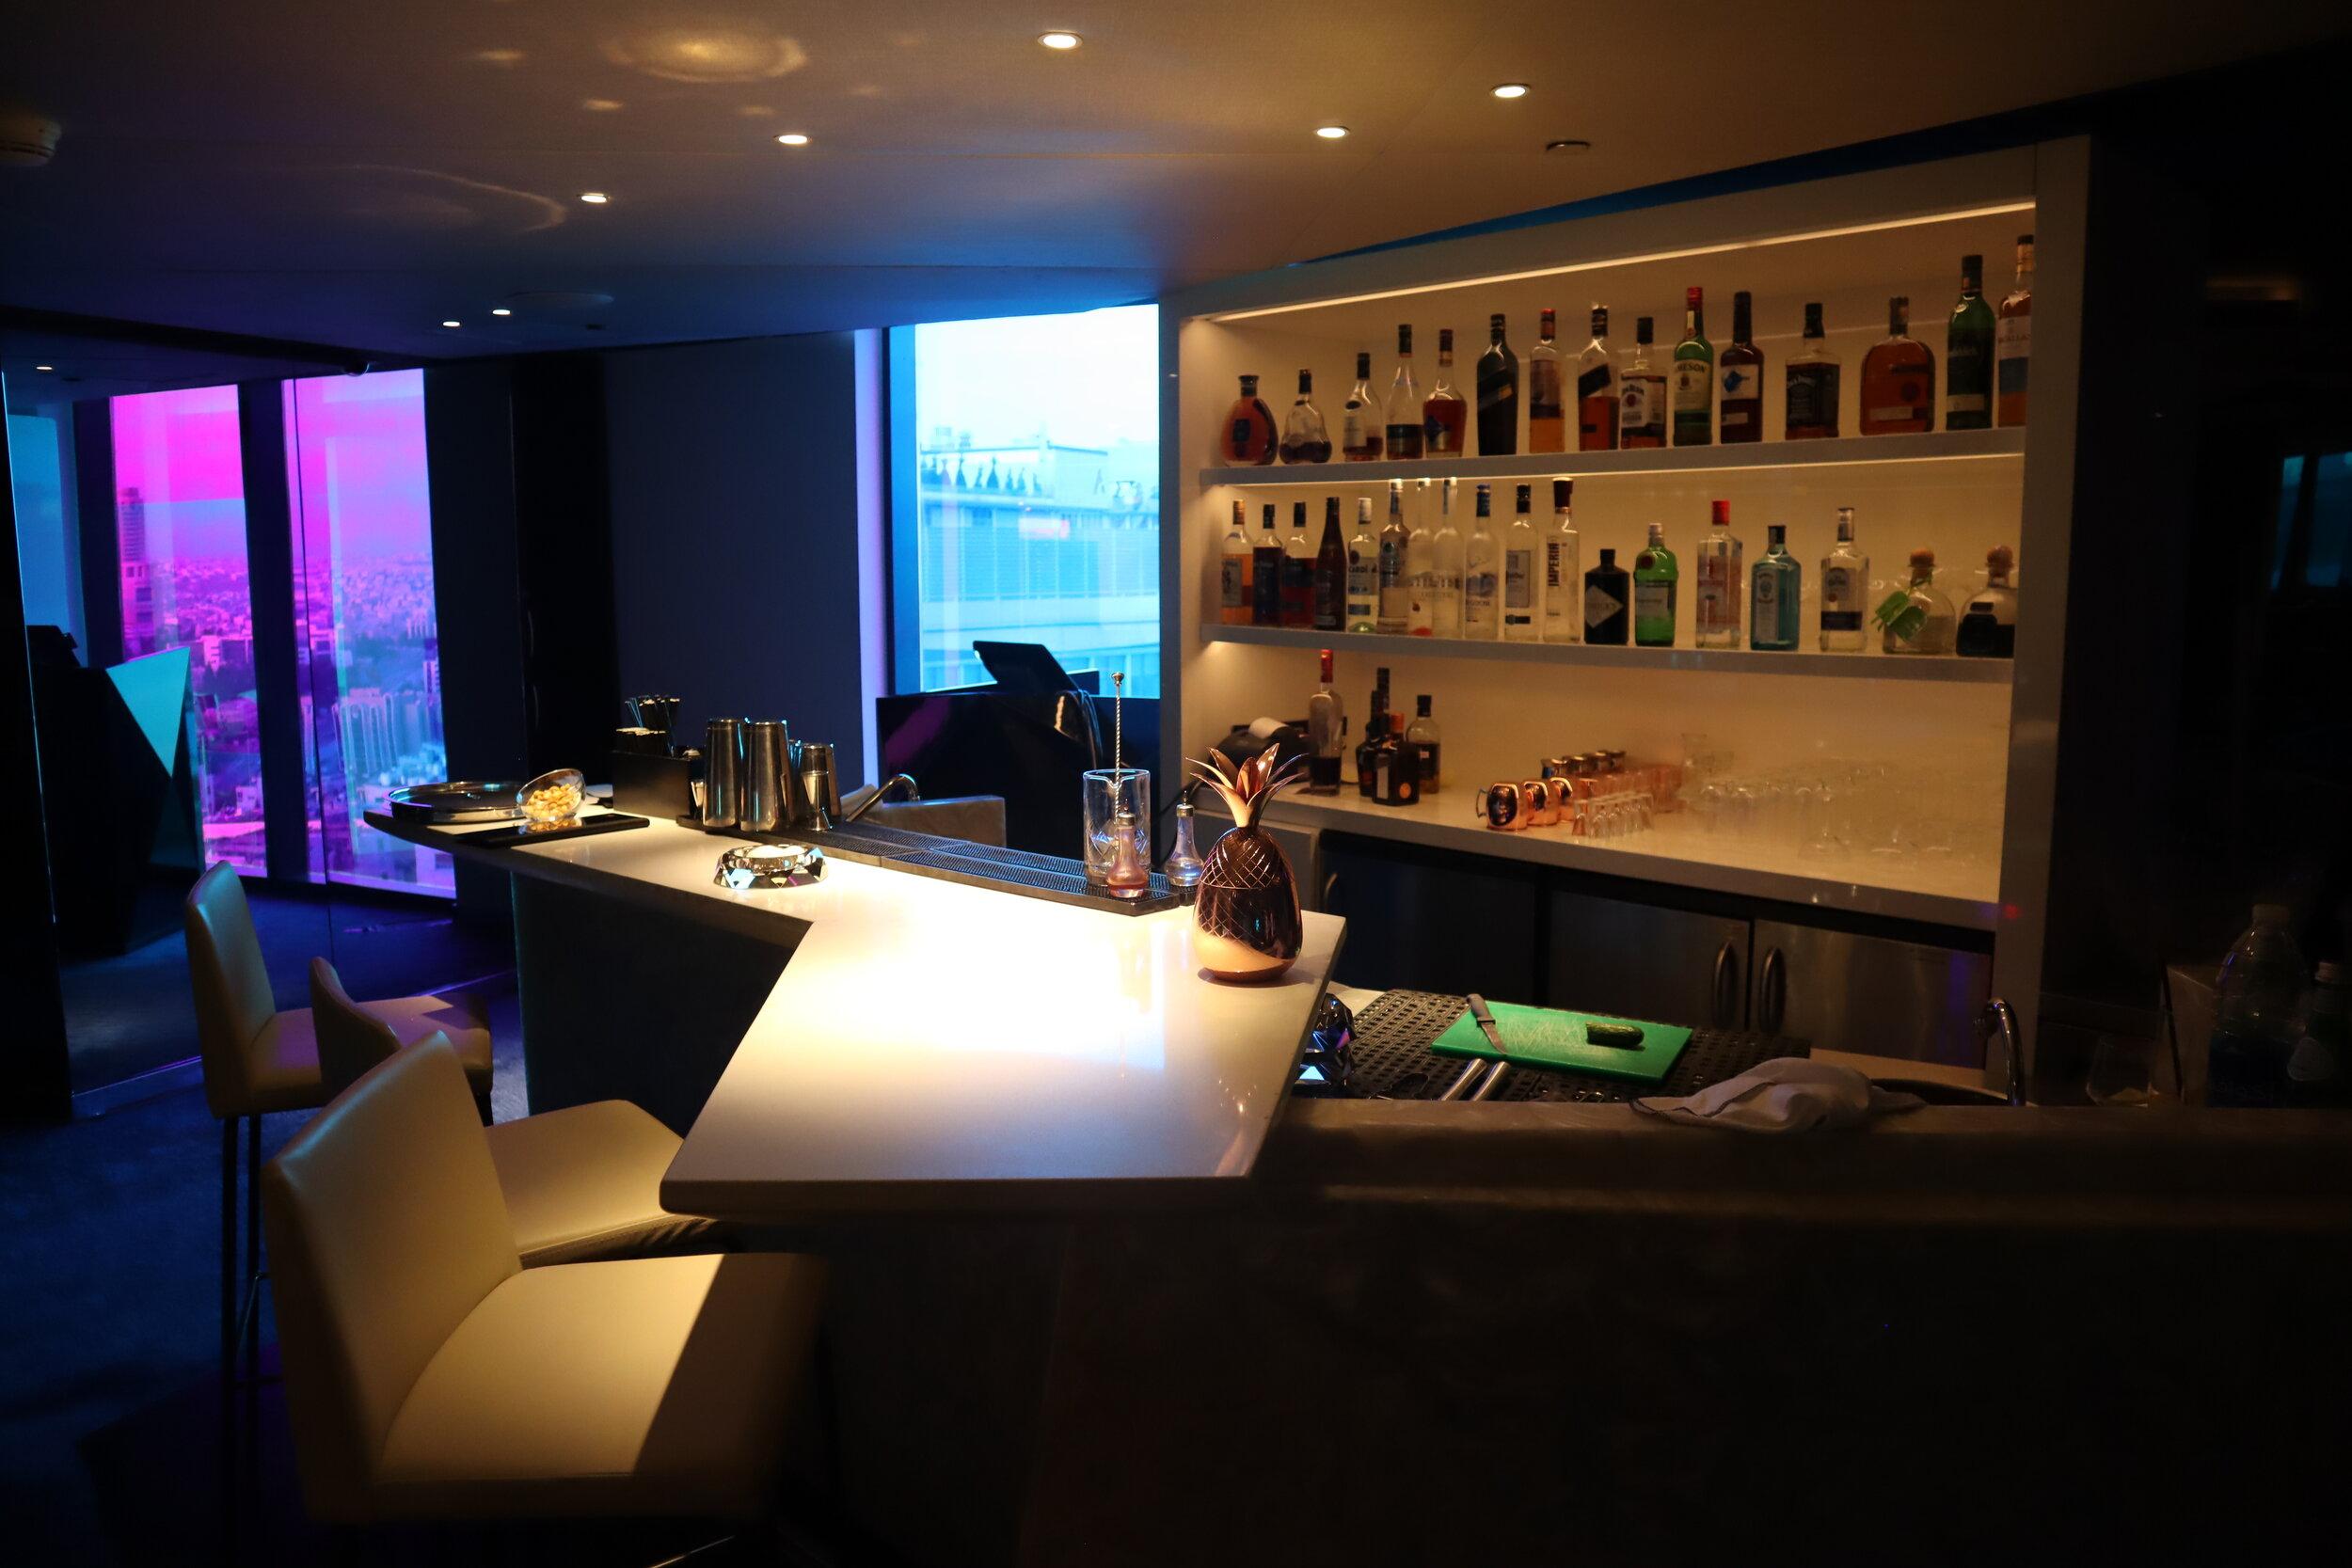 W Amman – 7th floor bar